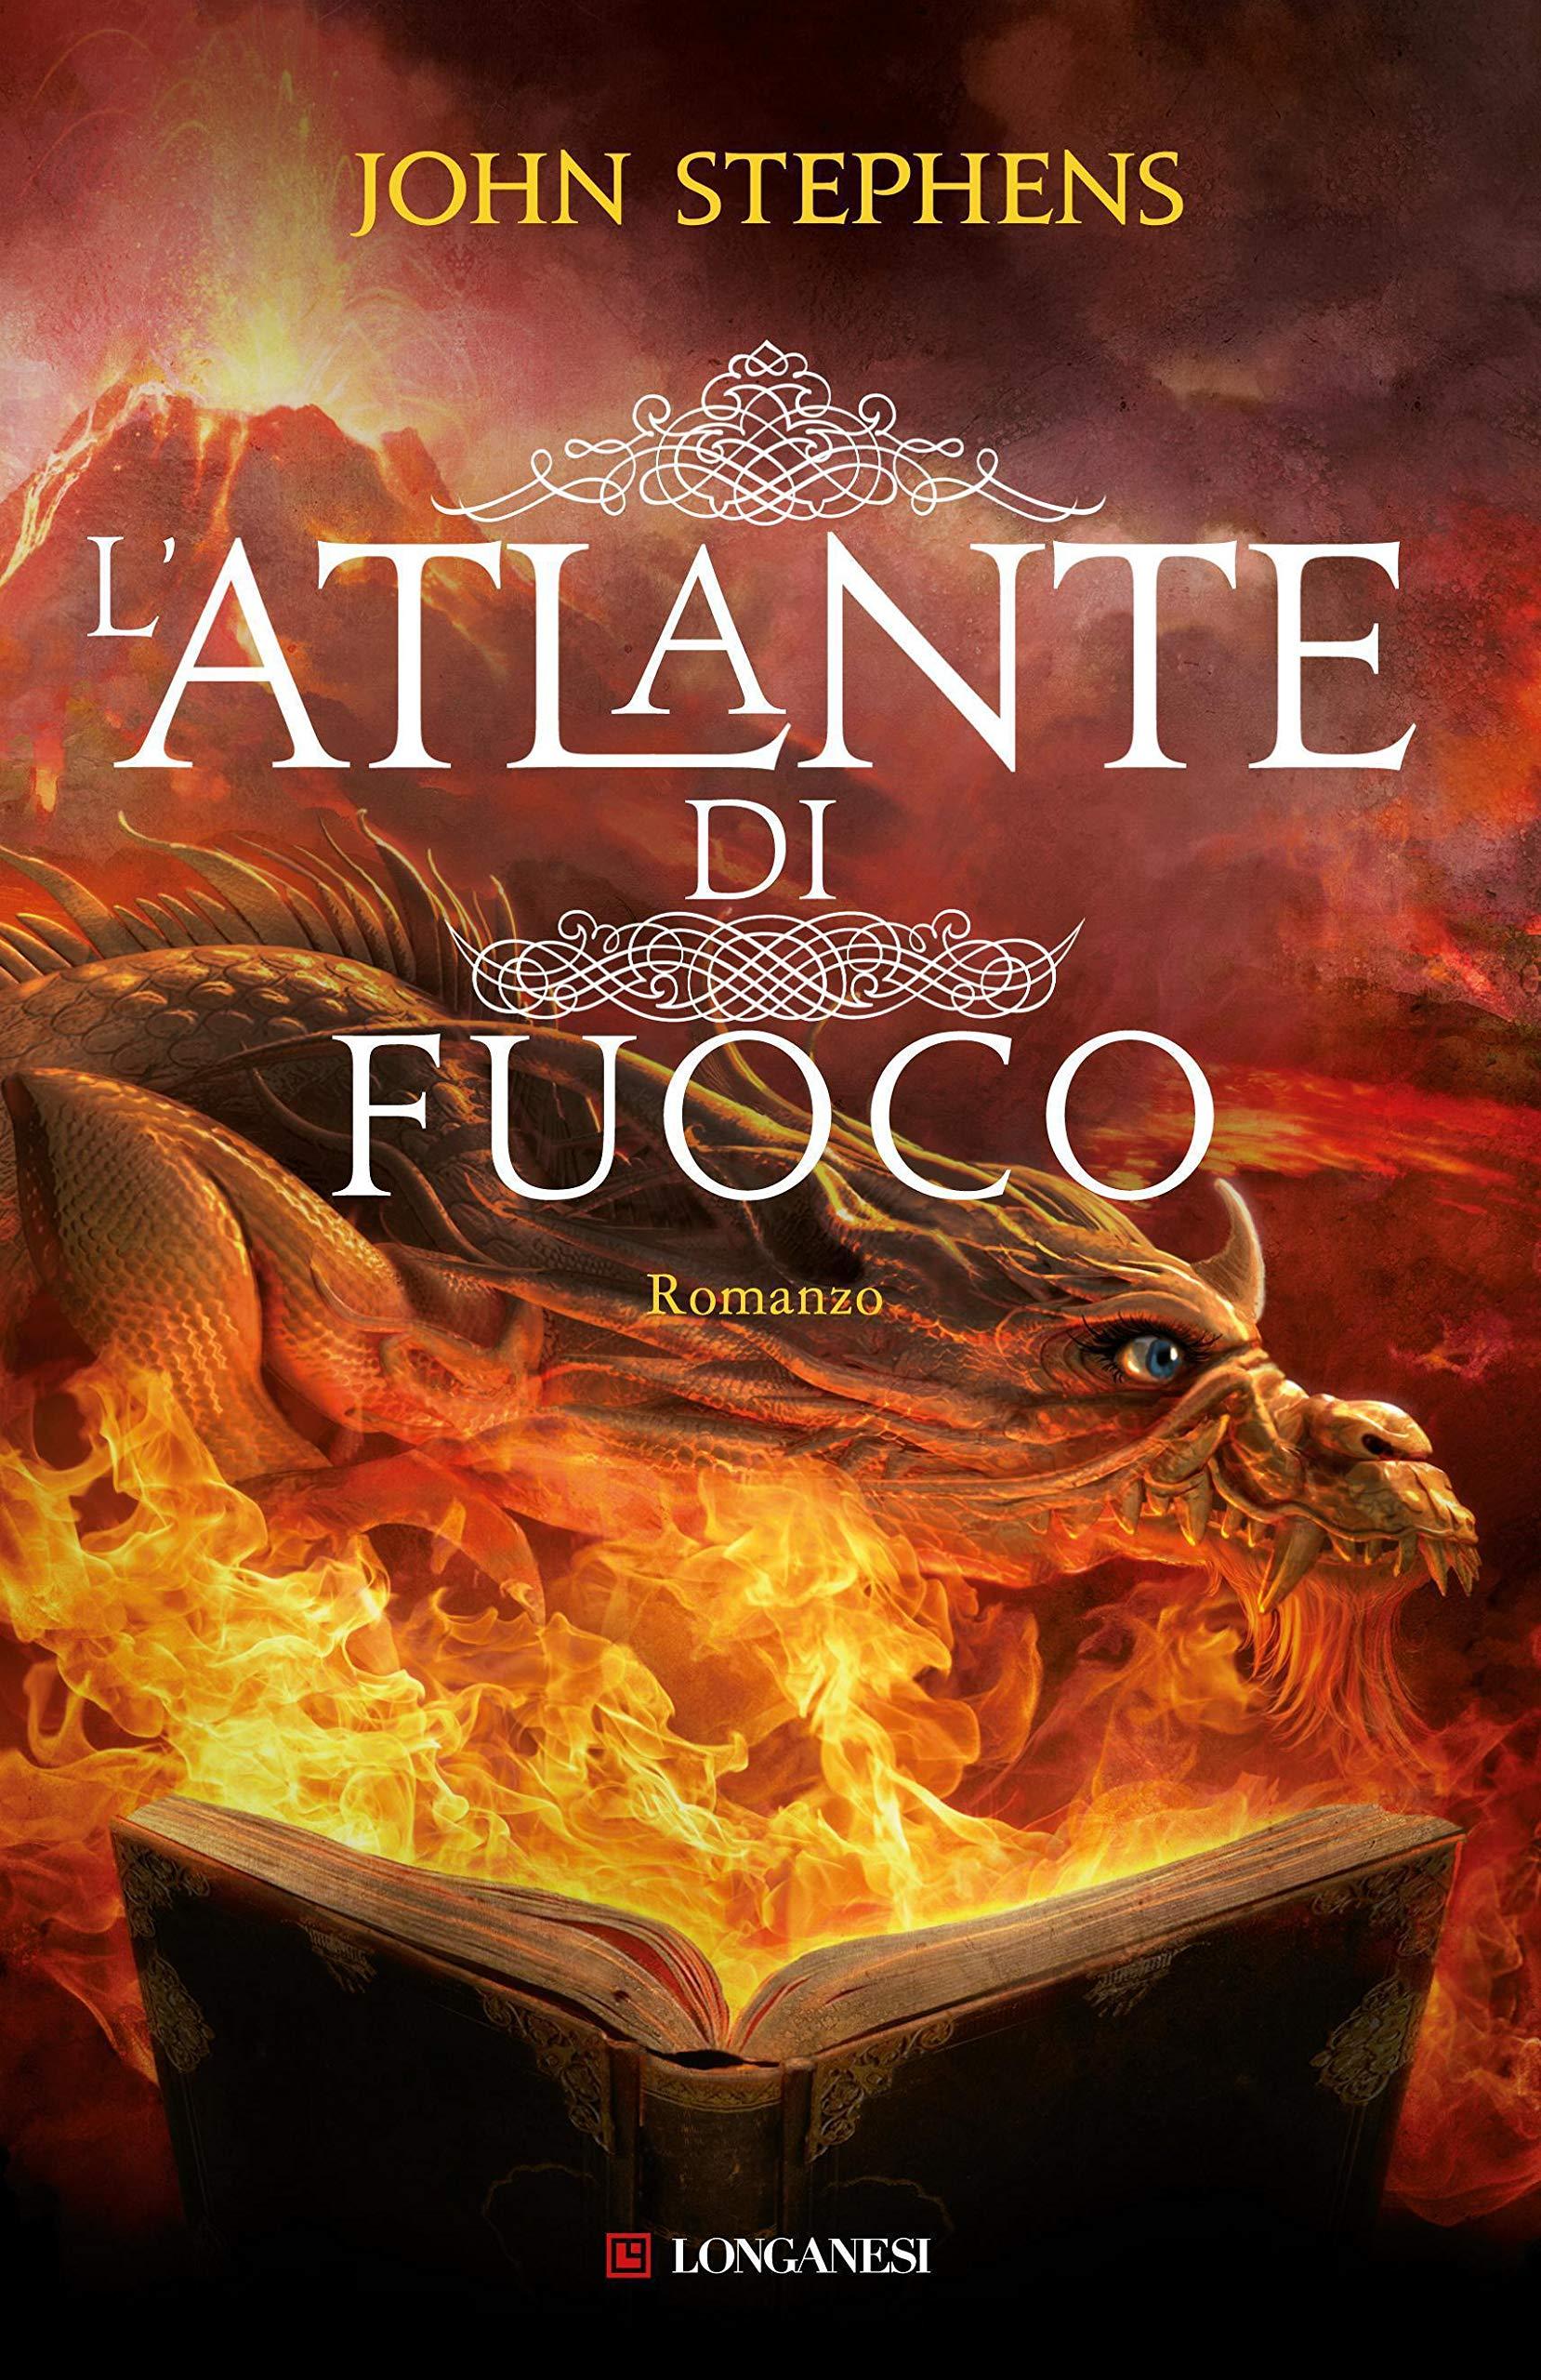 L'atlante di fuoco (La Gaja scienza Vol. 1070) (Italian Edition)